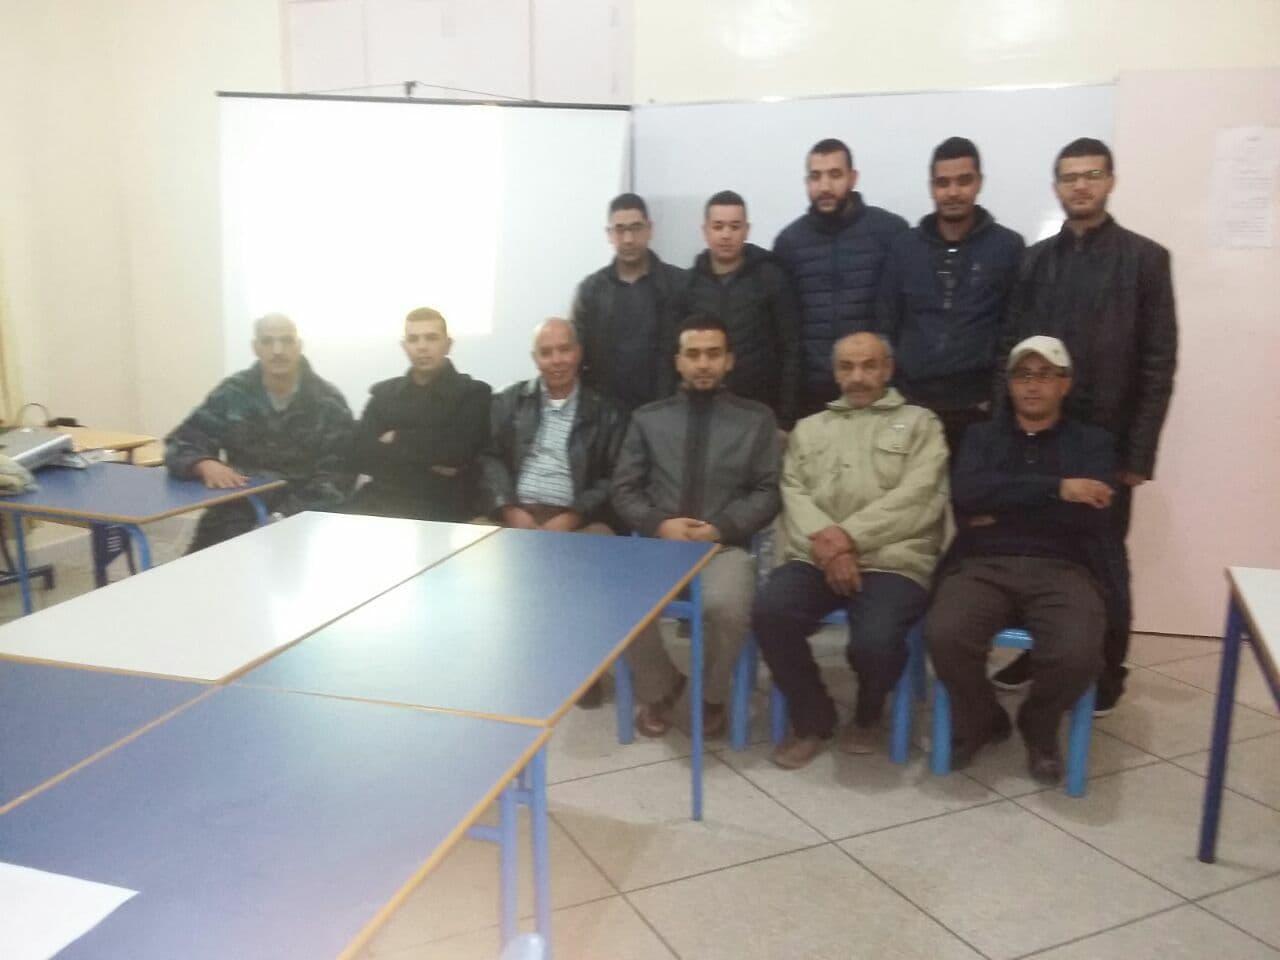 انتخاب حسن فرح رئيسا لجمعية حي اليغ للتنمية